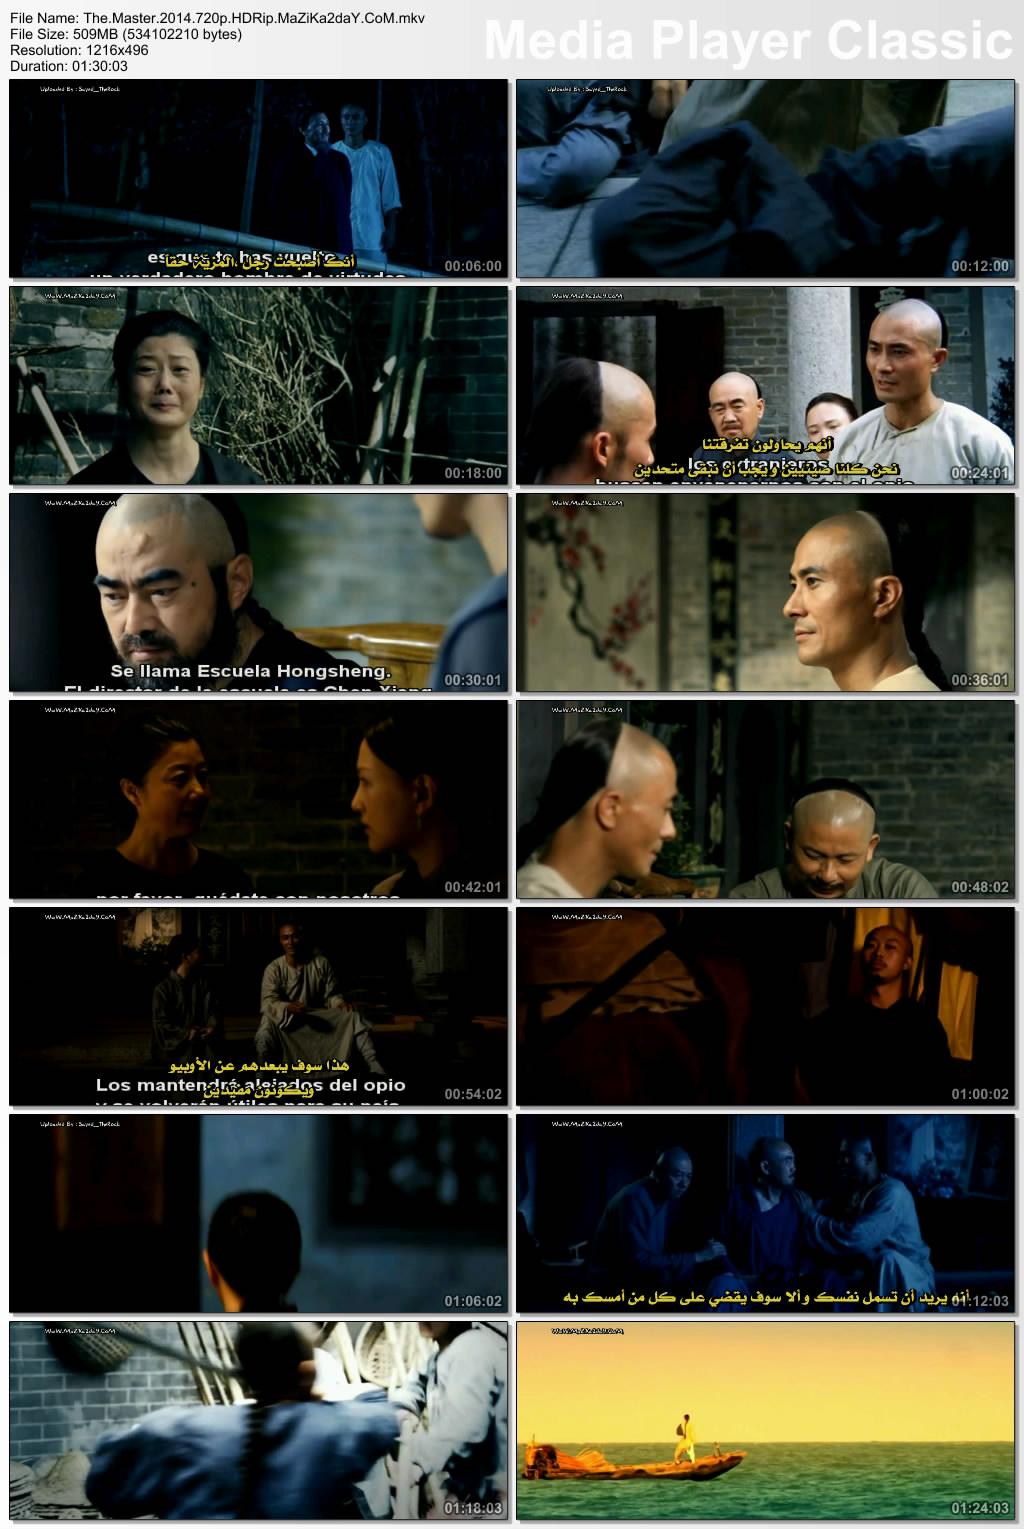 فيلم الأكشن الرهيب The Master  مترجم بجودة 720p HDRip تحميل مباشر Image